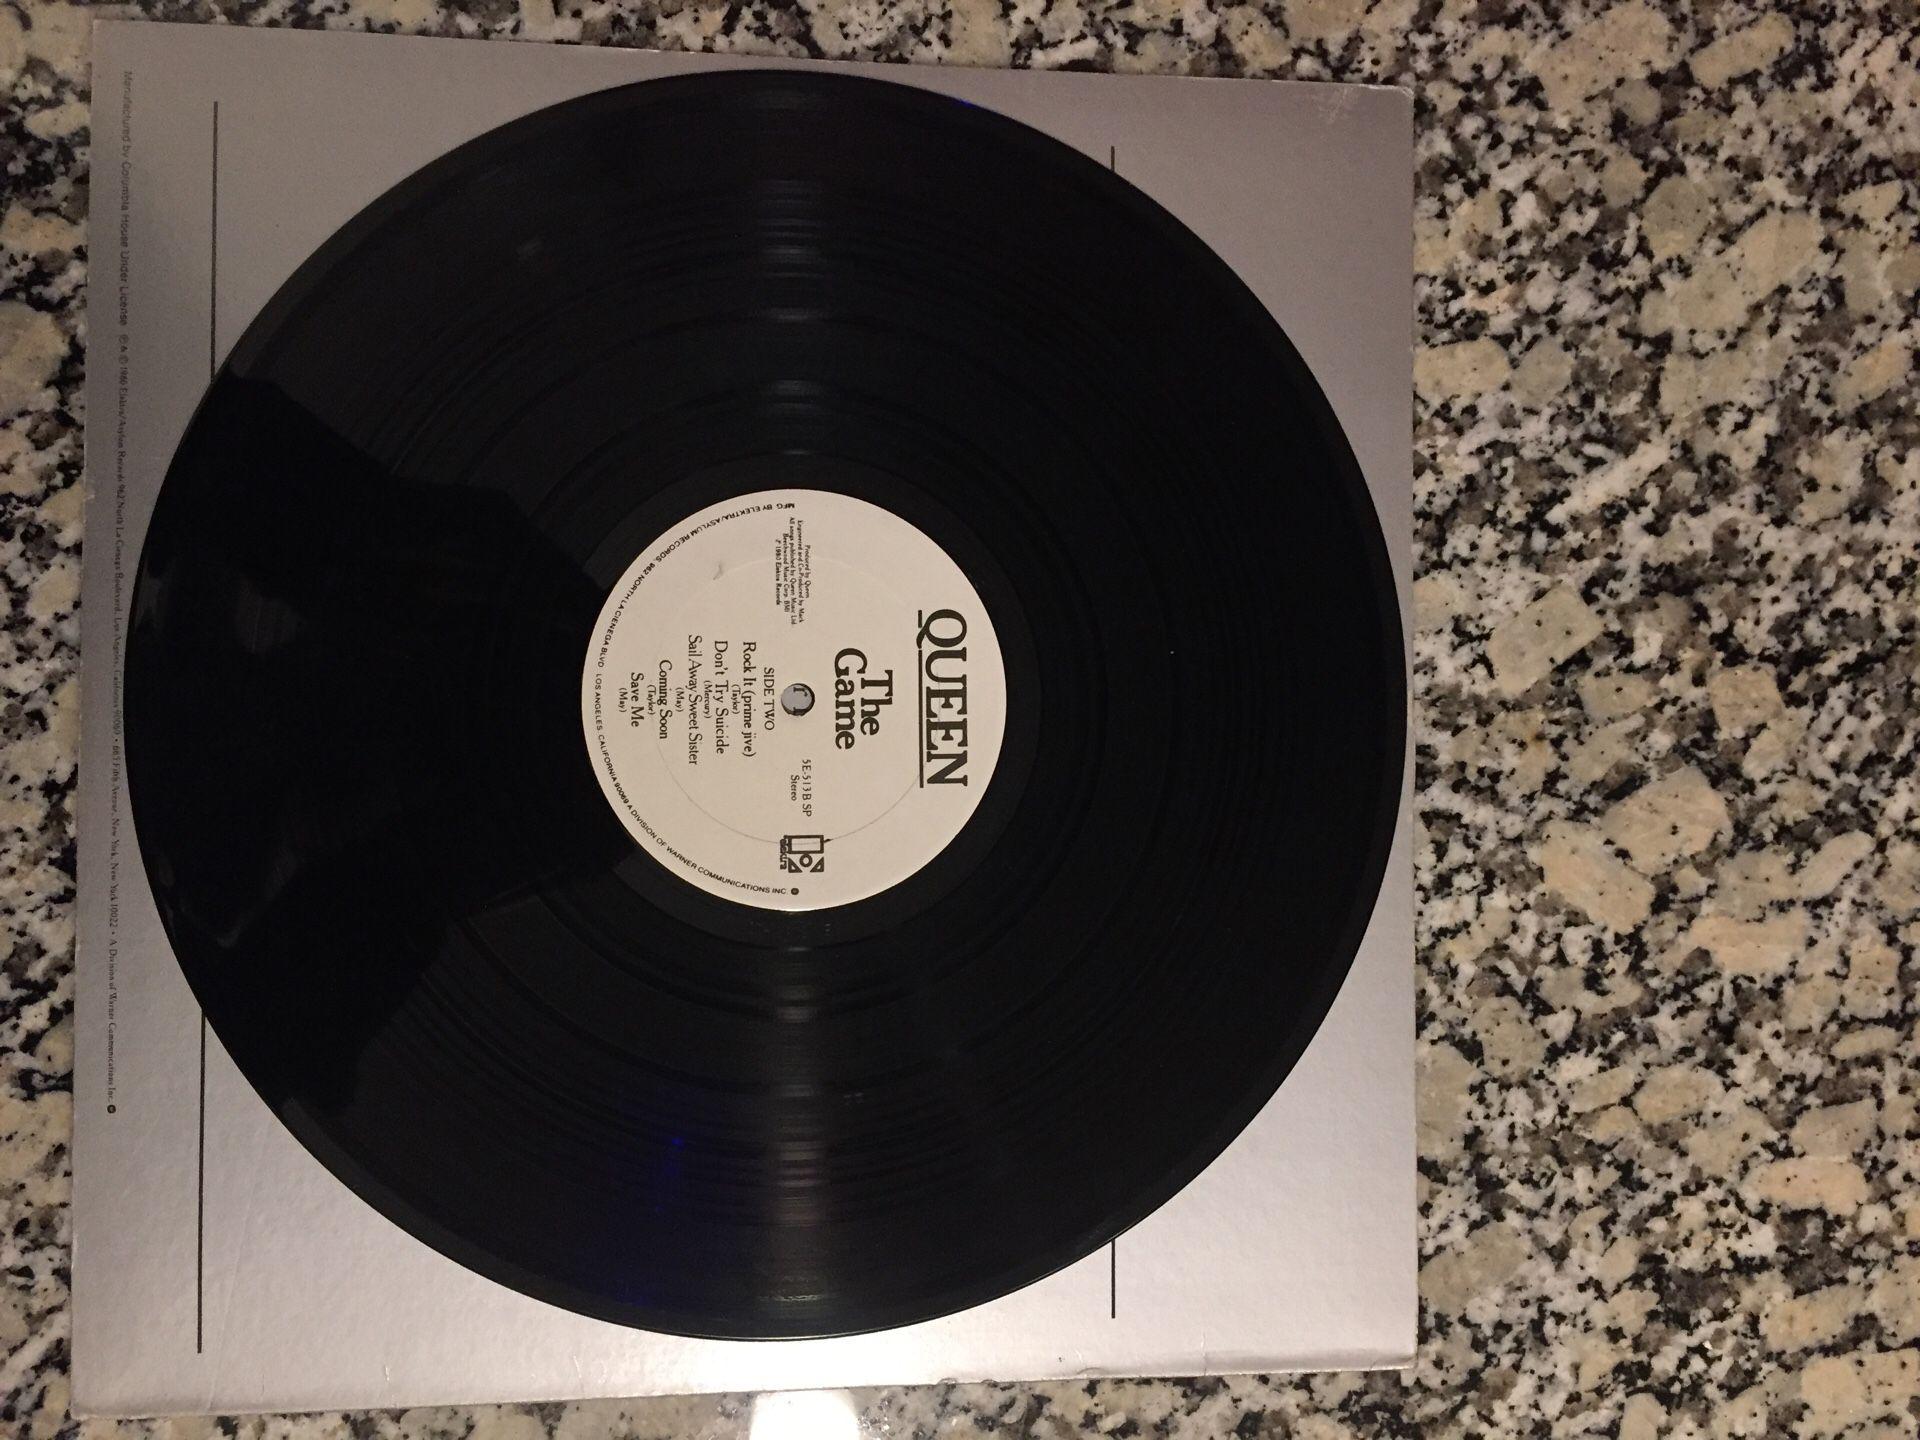 Music, Record, Vinyl, Queen